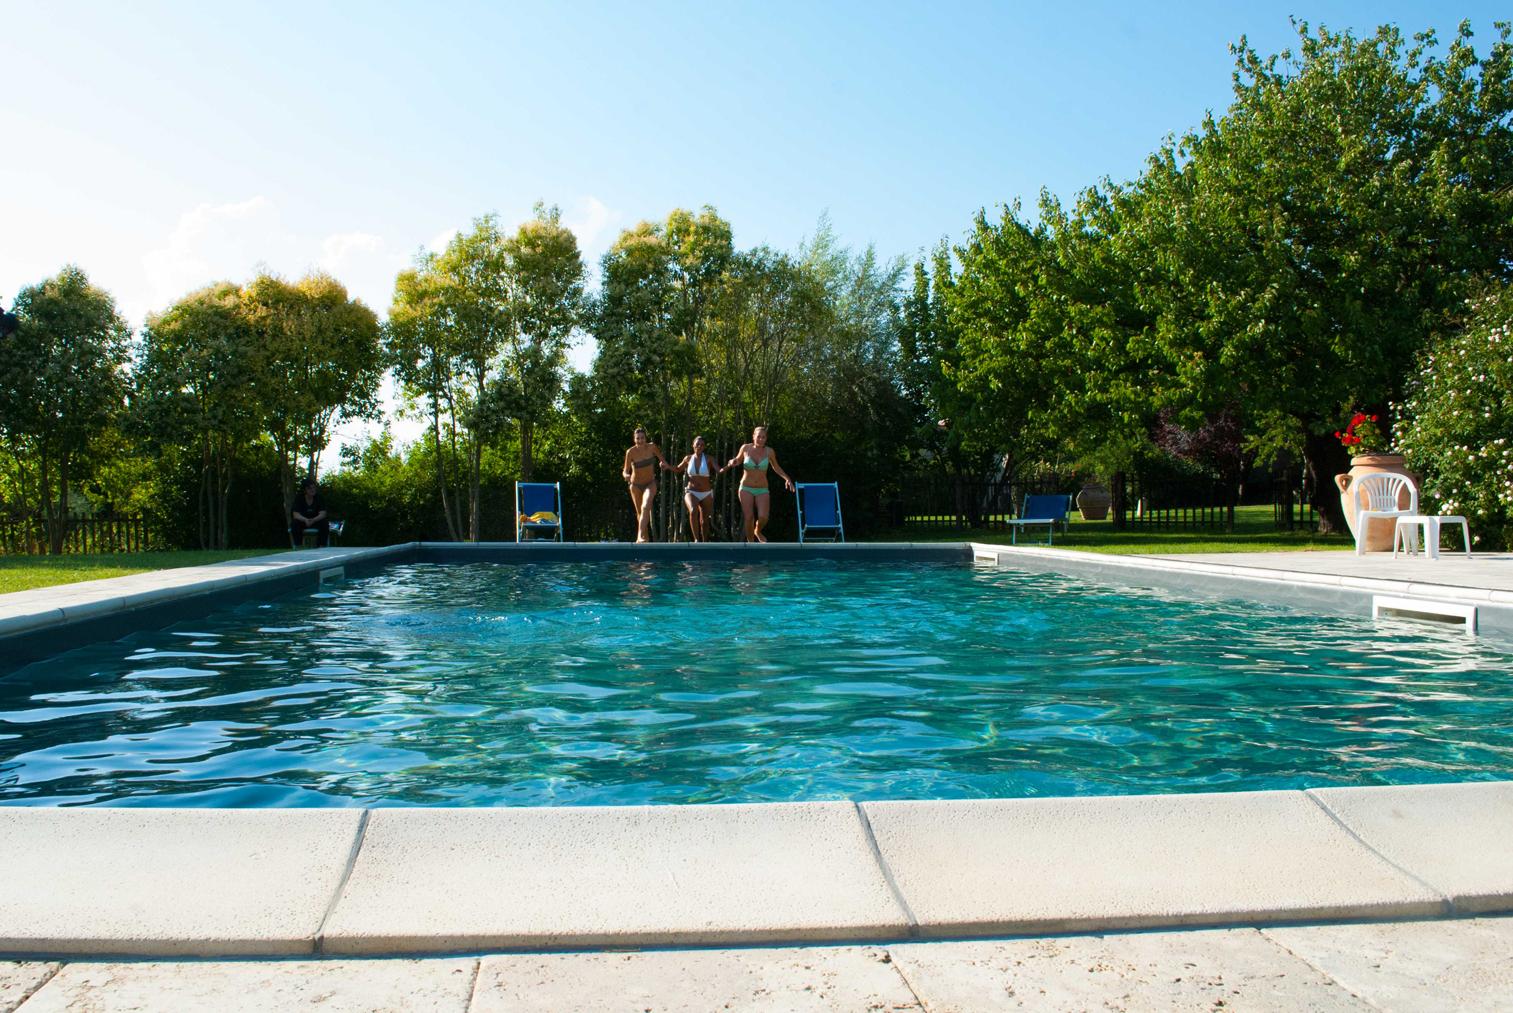 Agriturismo con piscina nelle terre di siena - Agriturismo siena con piscina ...